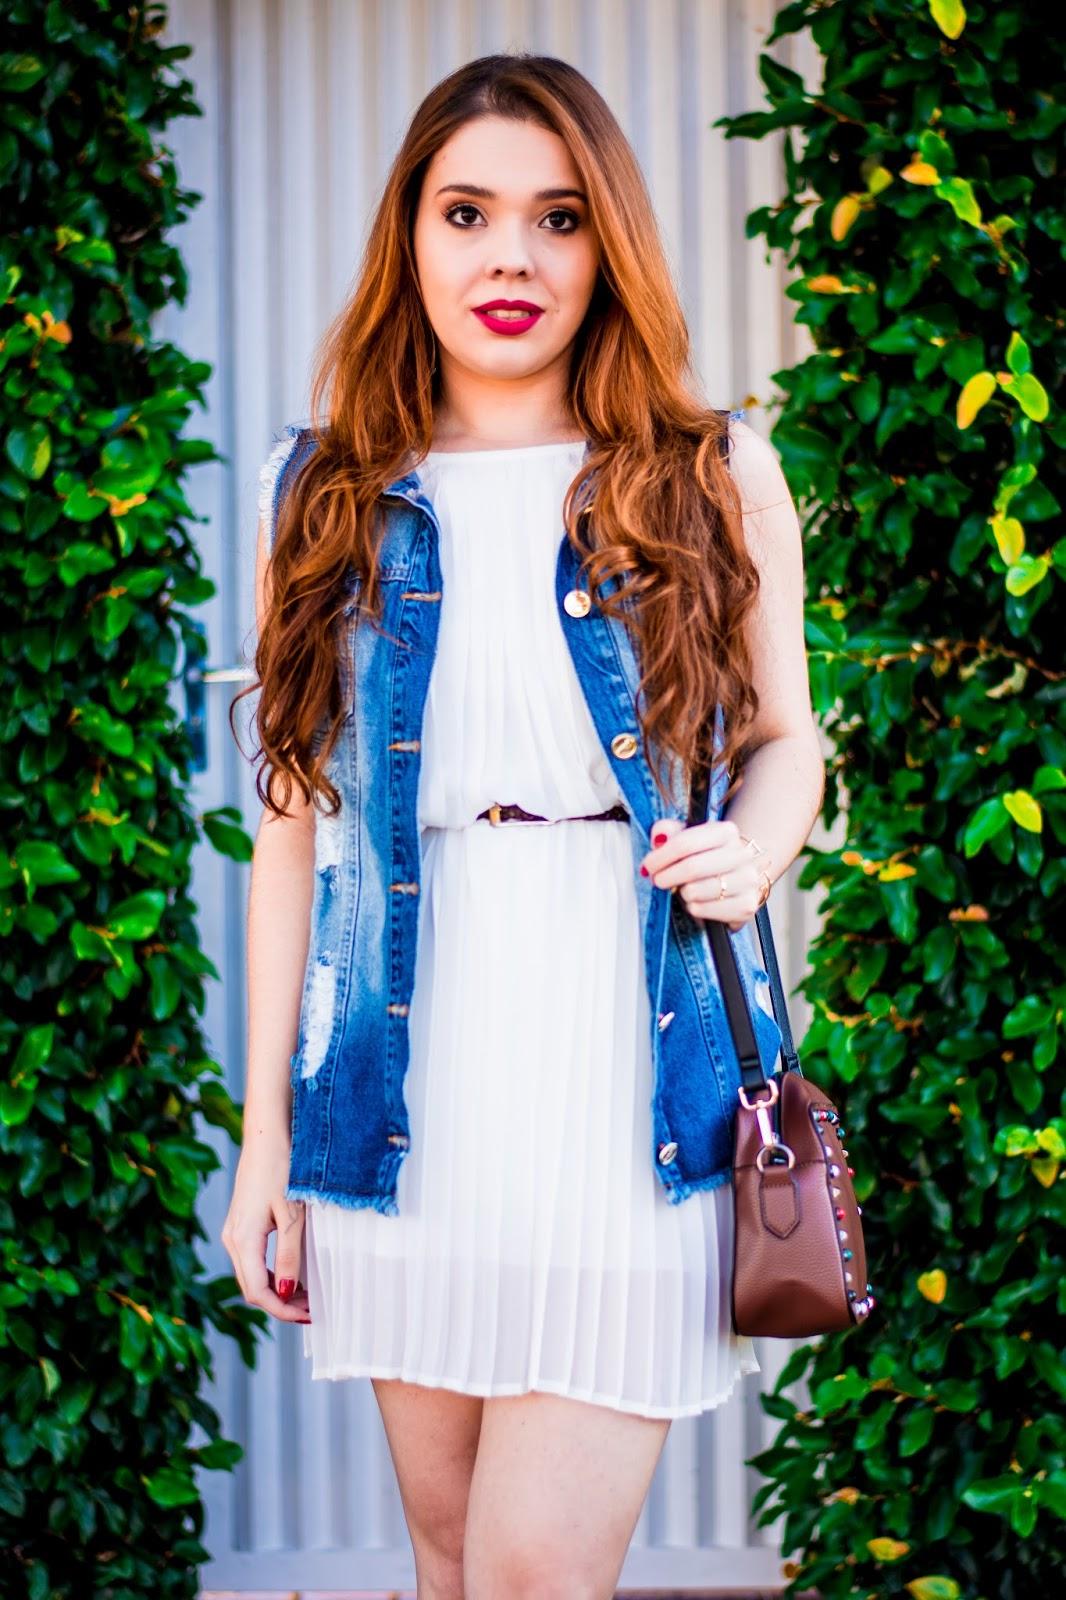 Vestido branco e colete jeans